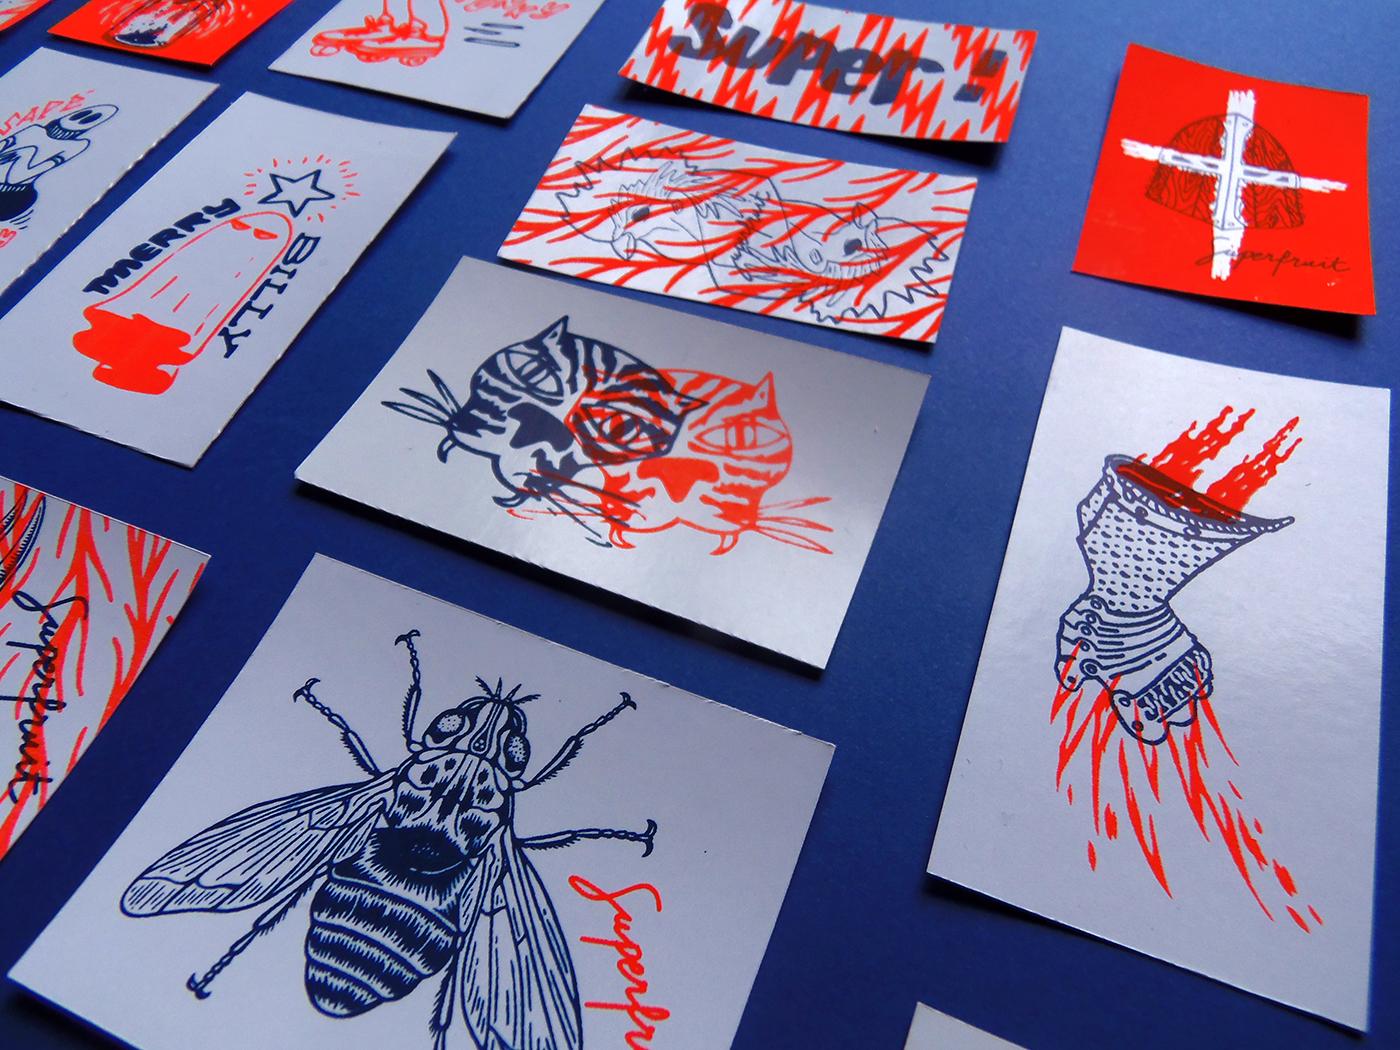 Détails des stickers 2017 imprimés en sérigraphie par Superfruit